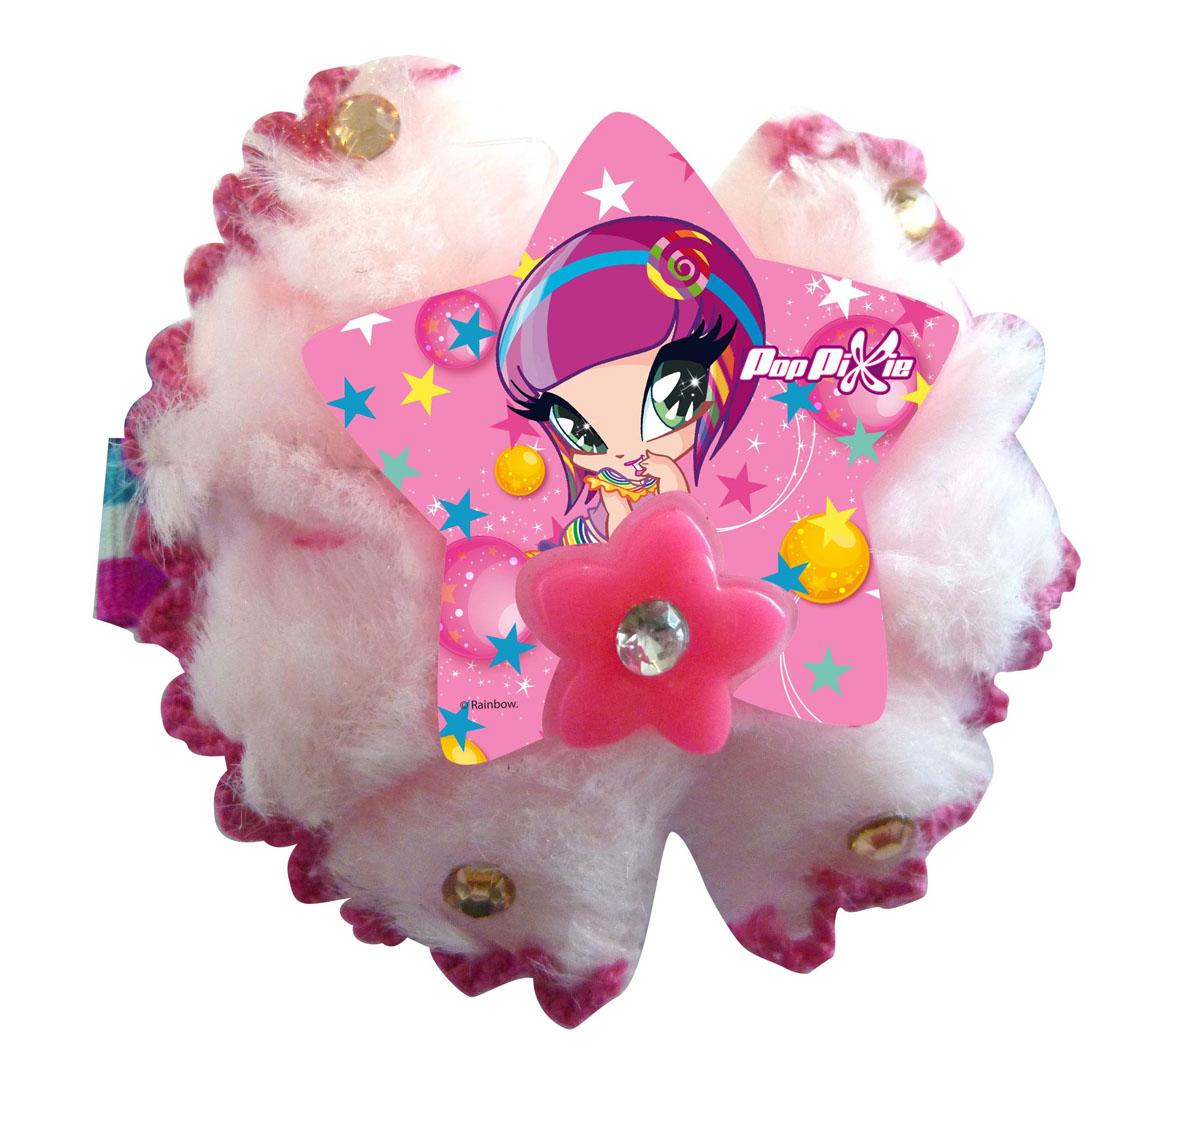 Заколка для волос для девочек PopPixie, цвет: розовый, 2 шт. 41314